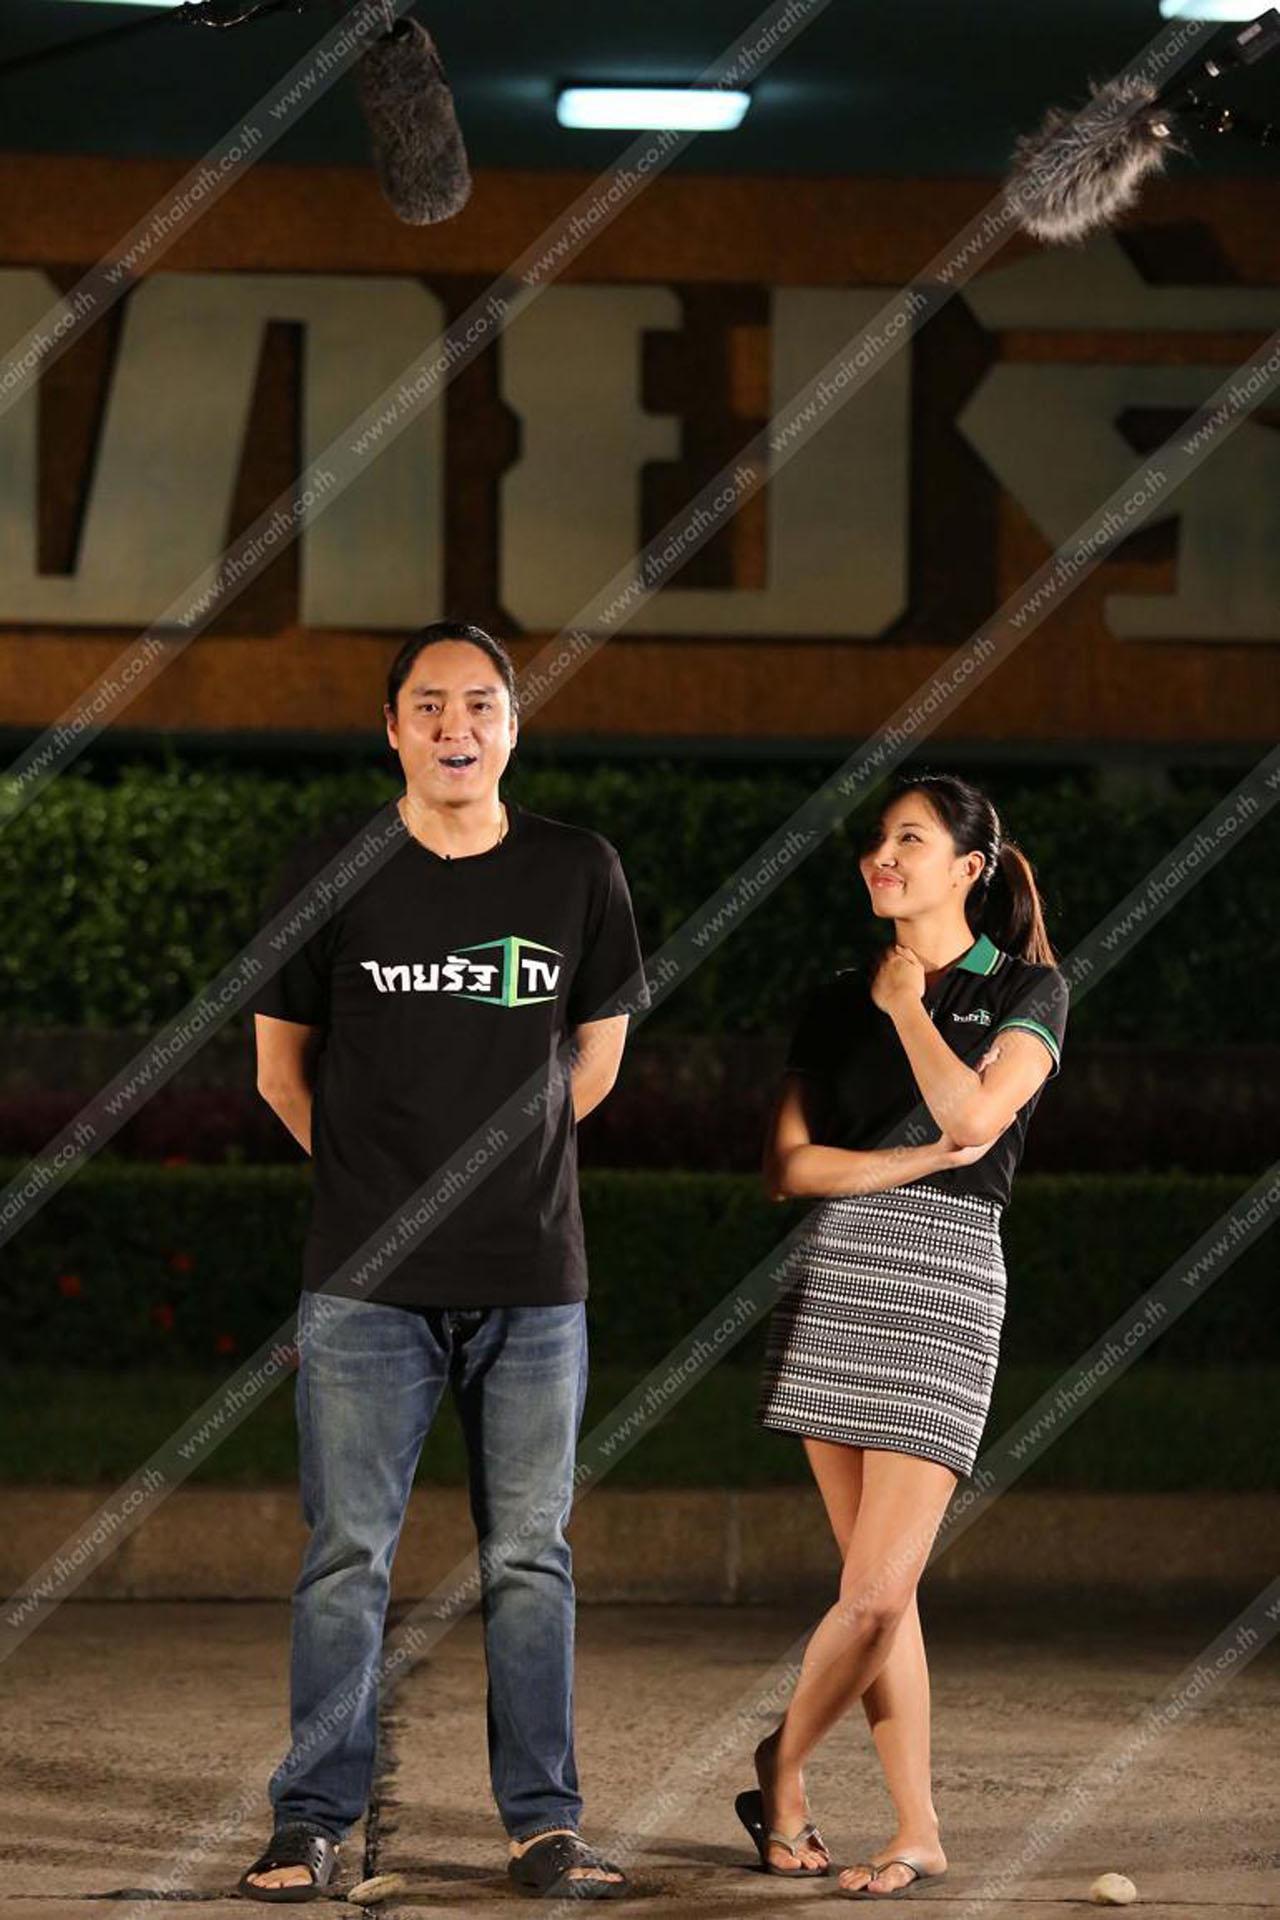 คุณนิค - คุณจูเนียร์  สองผู้บริหารแห่งไทยรัฐทีวี